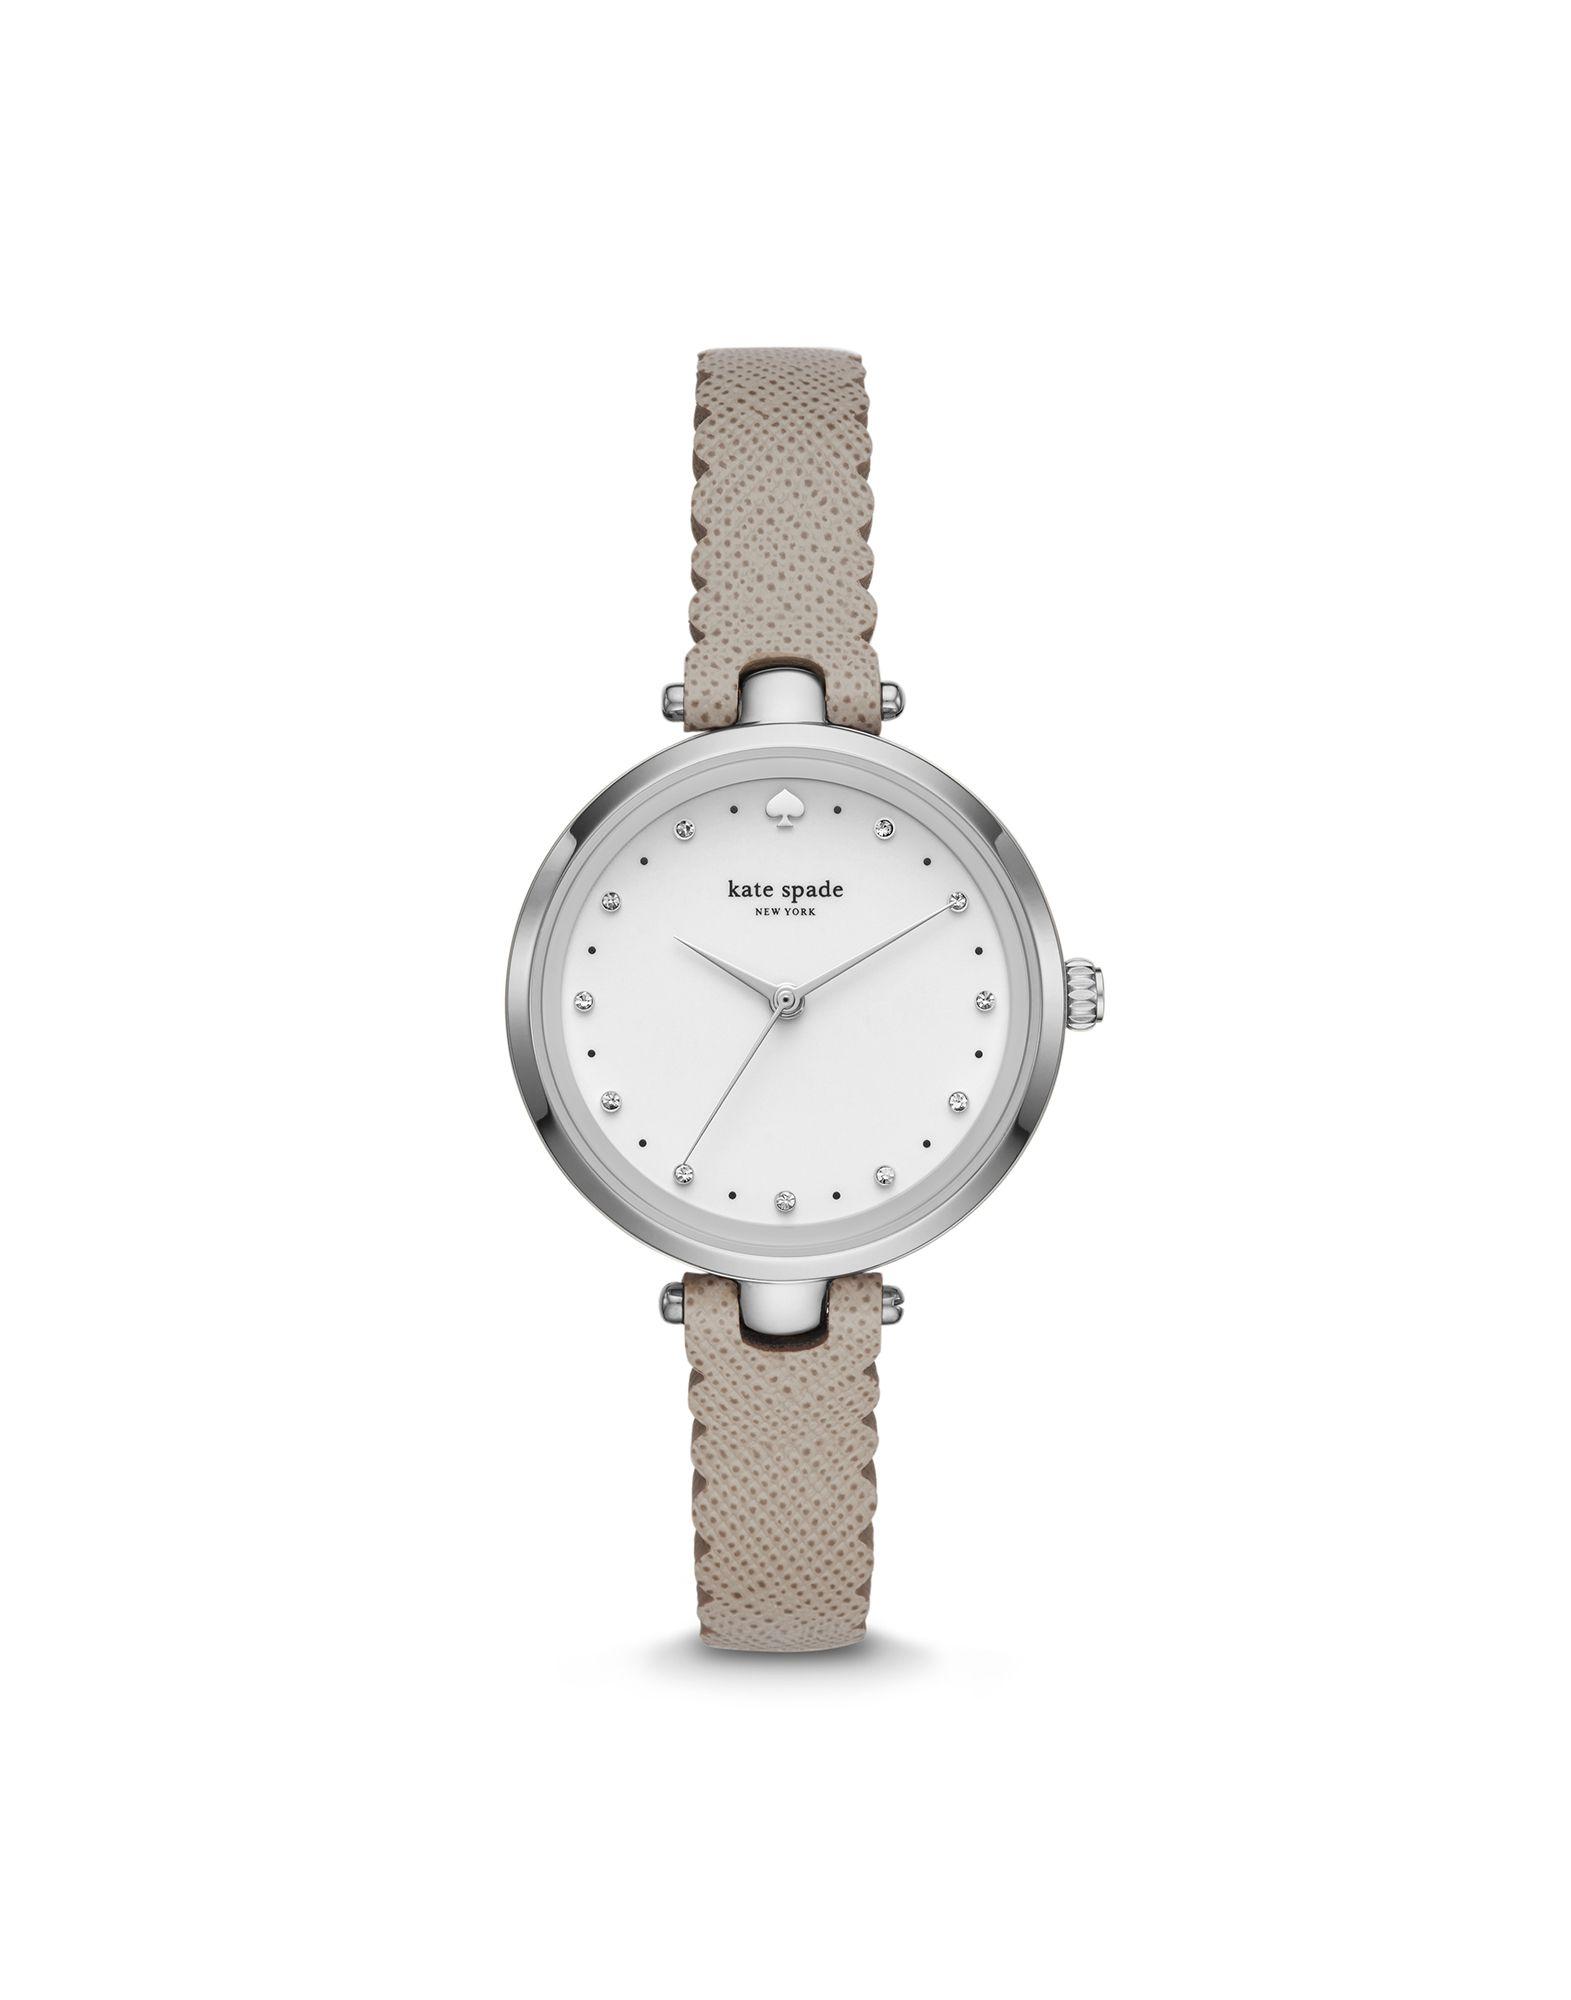 KATE SPADE New York Наручные часы kate spade new york наручные часы